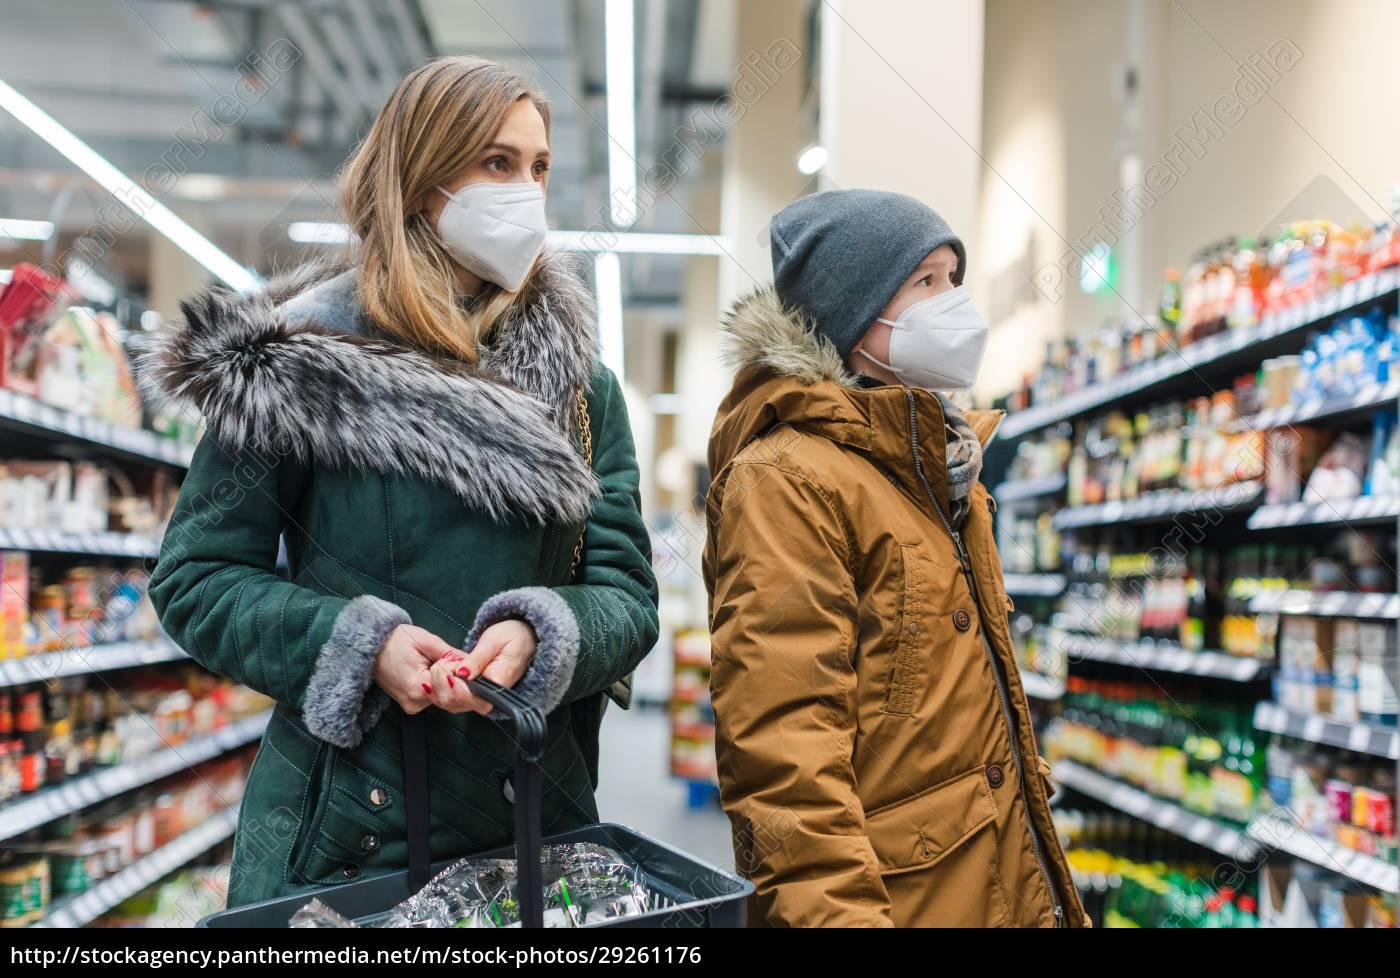 familieneinkauf, im, supermarkt, während, covind19, pandemie - 29261176